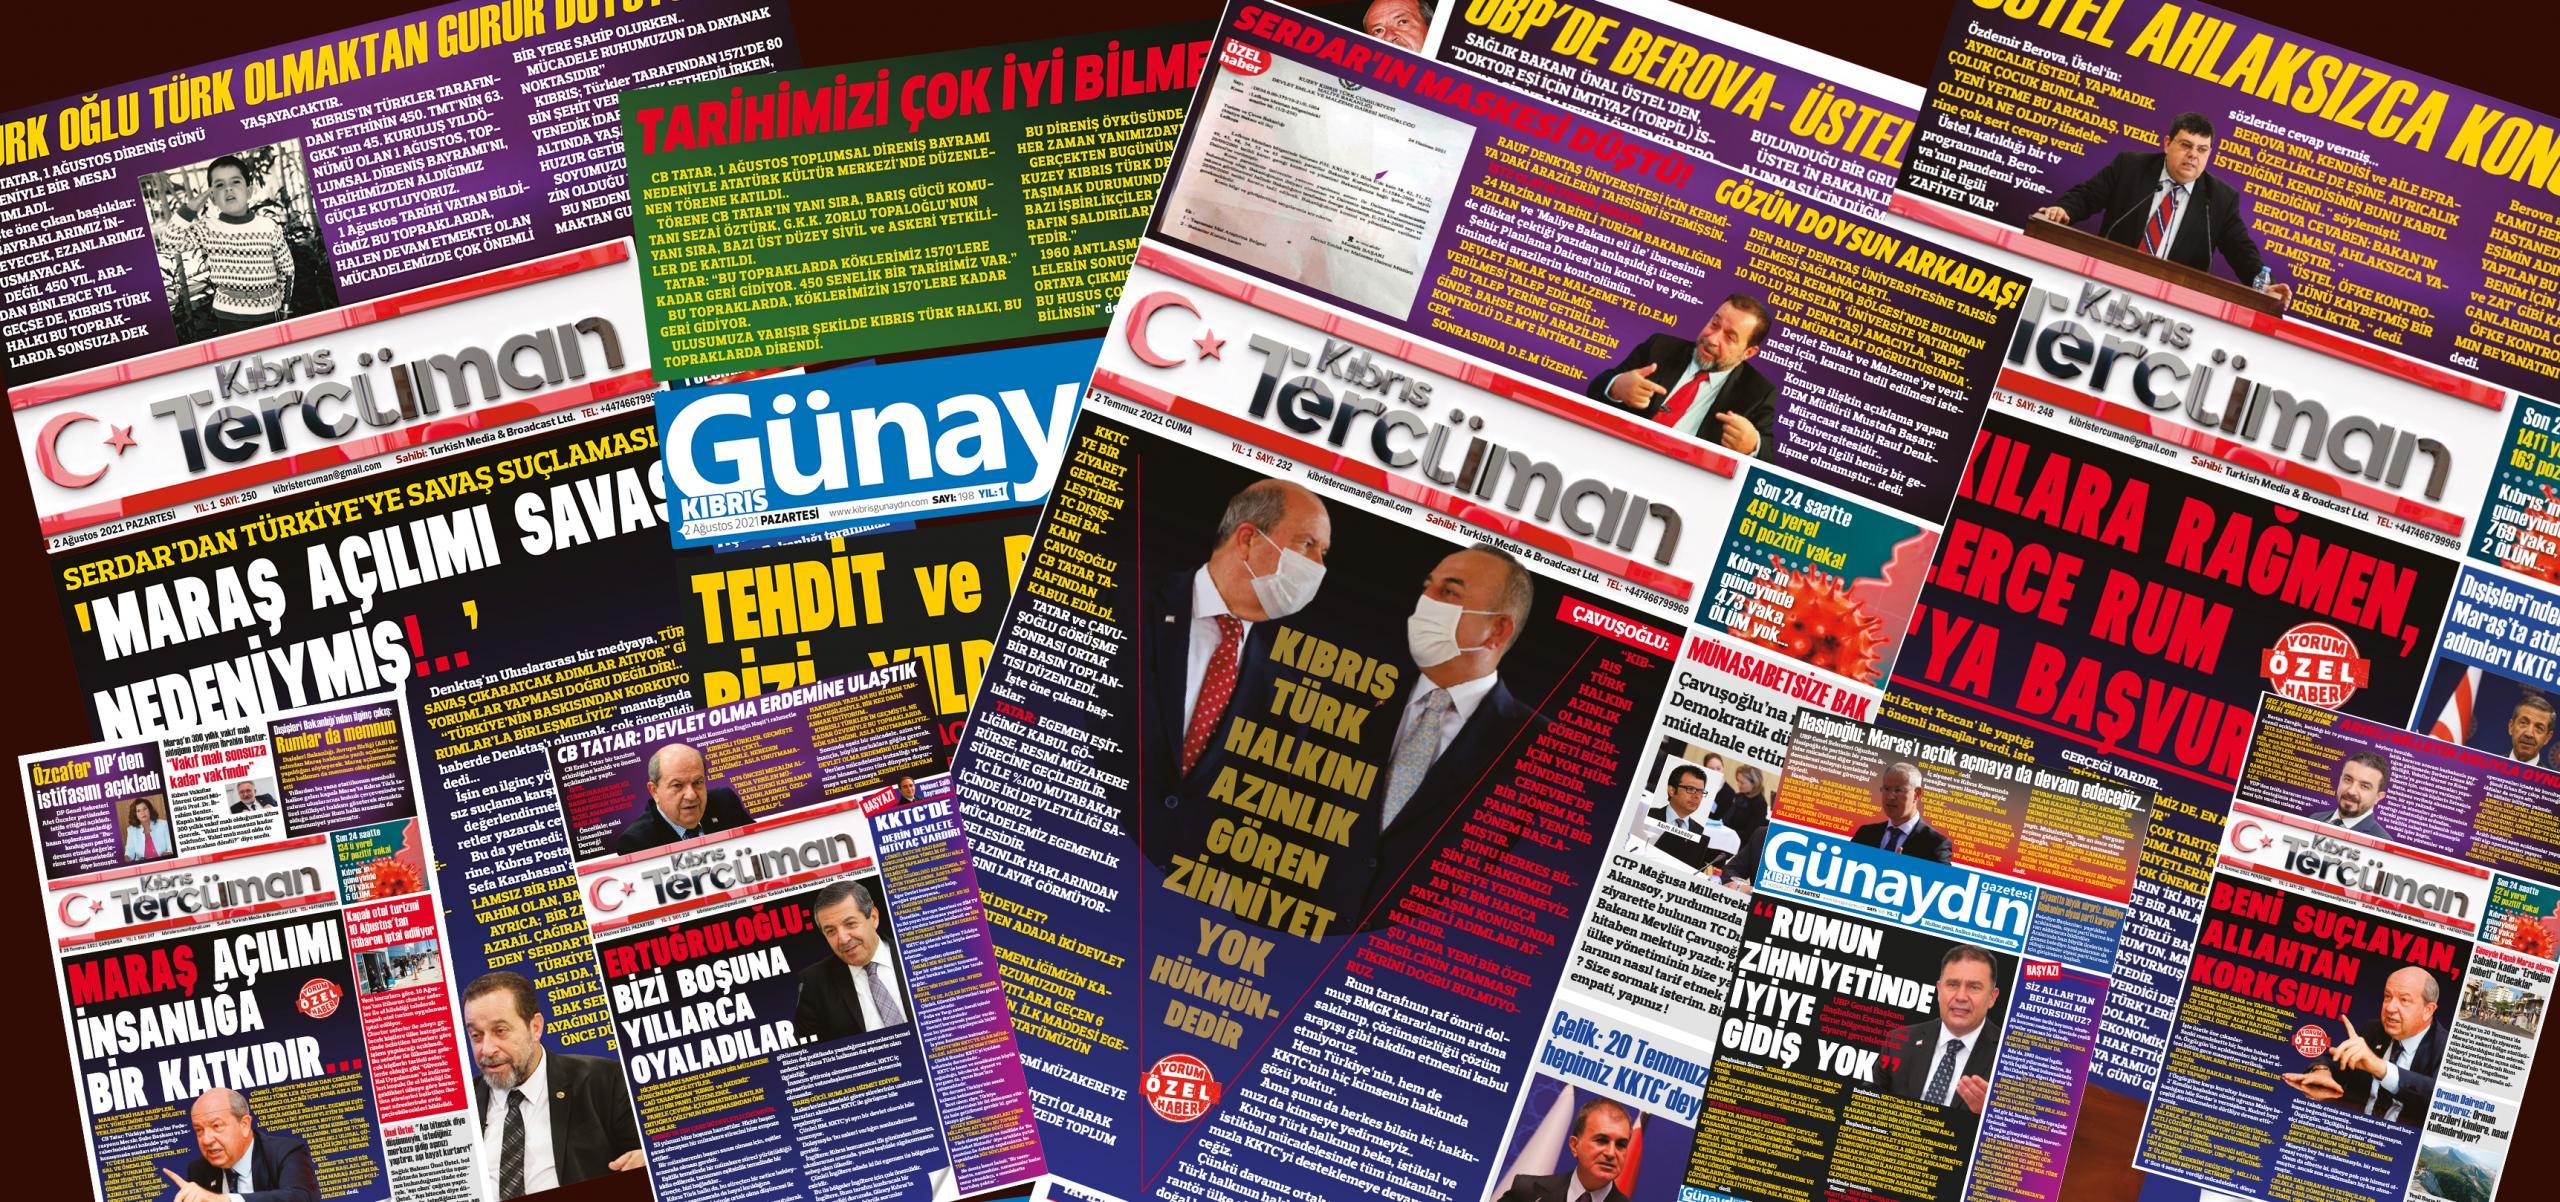 20 eylül gazete manşet